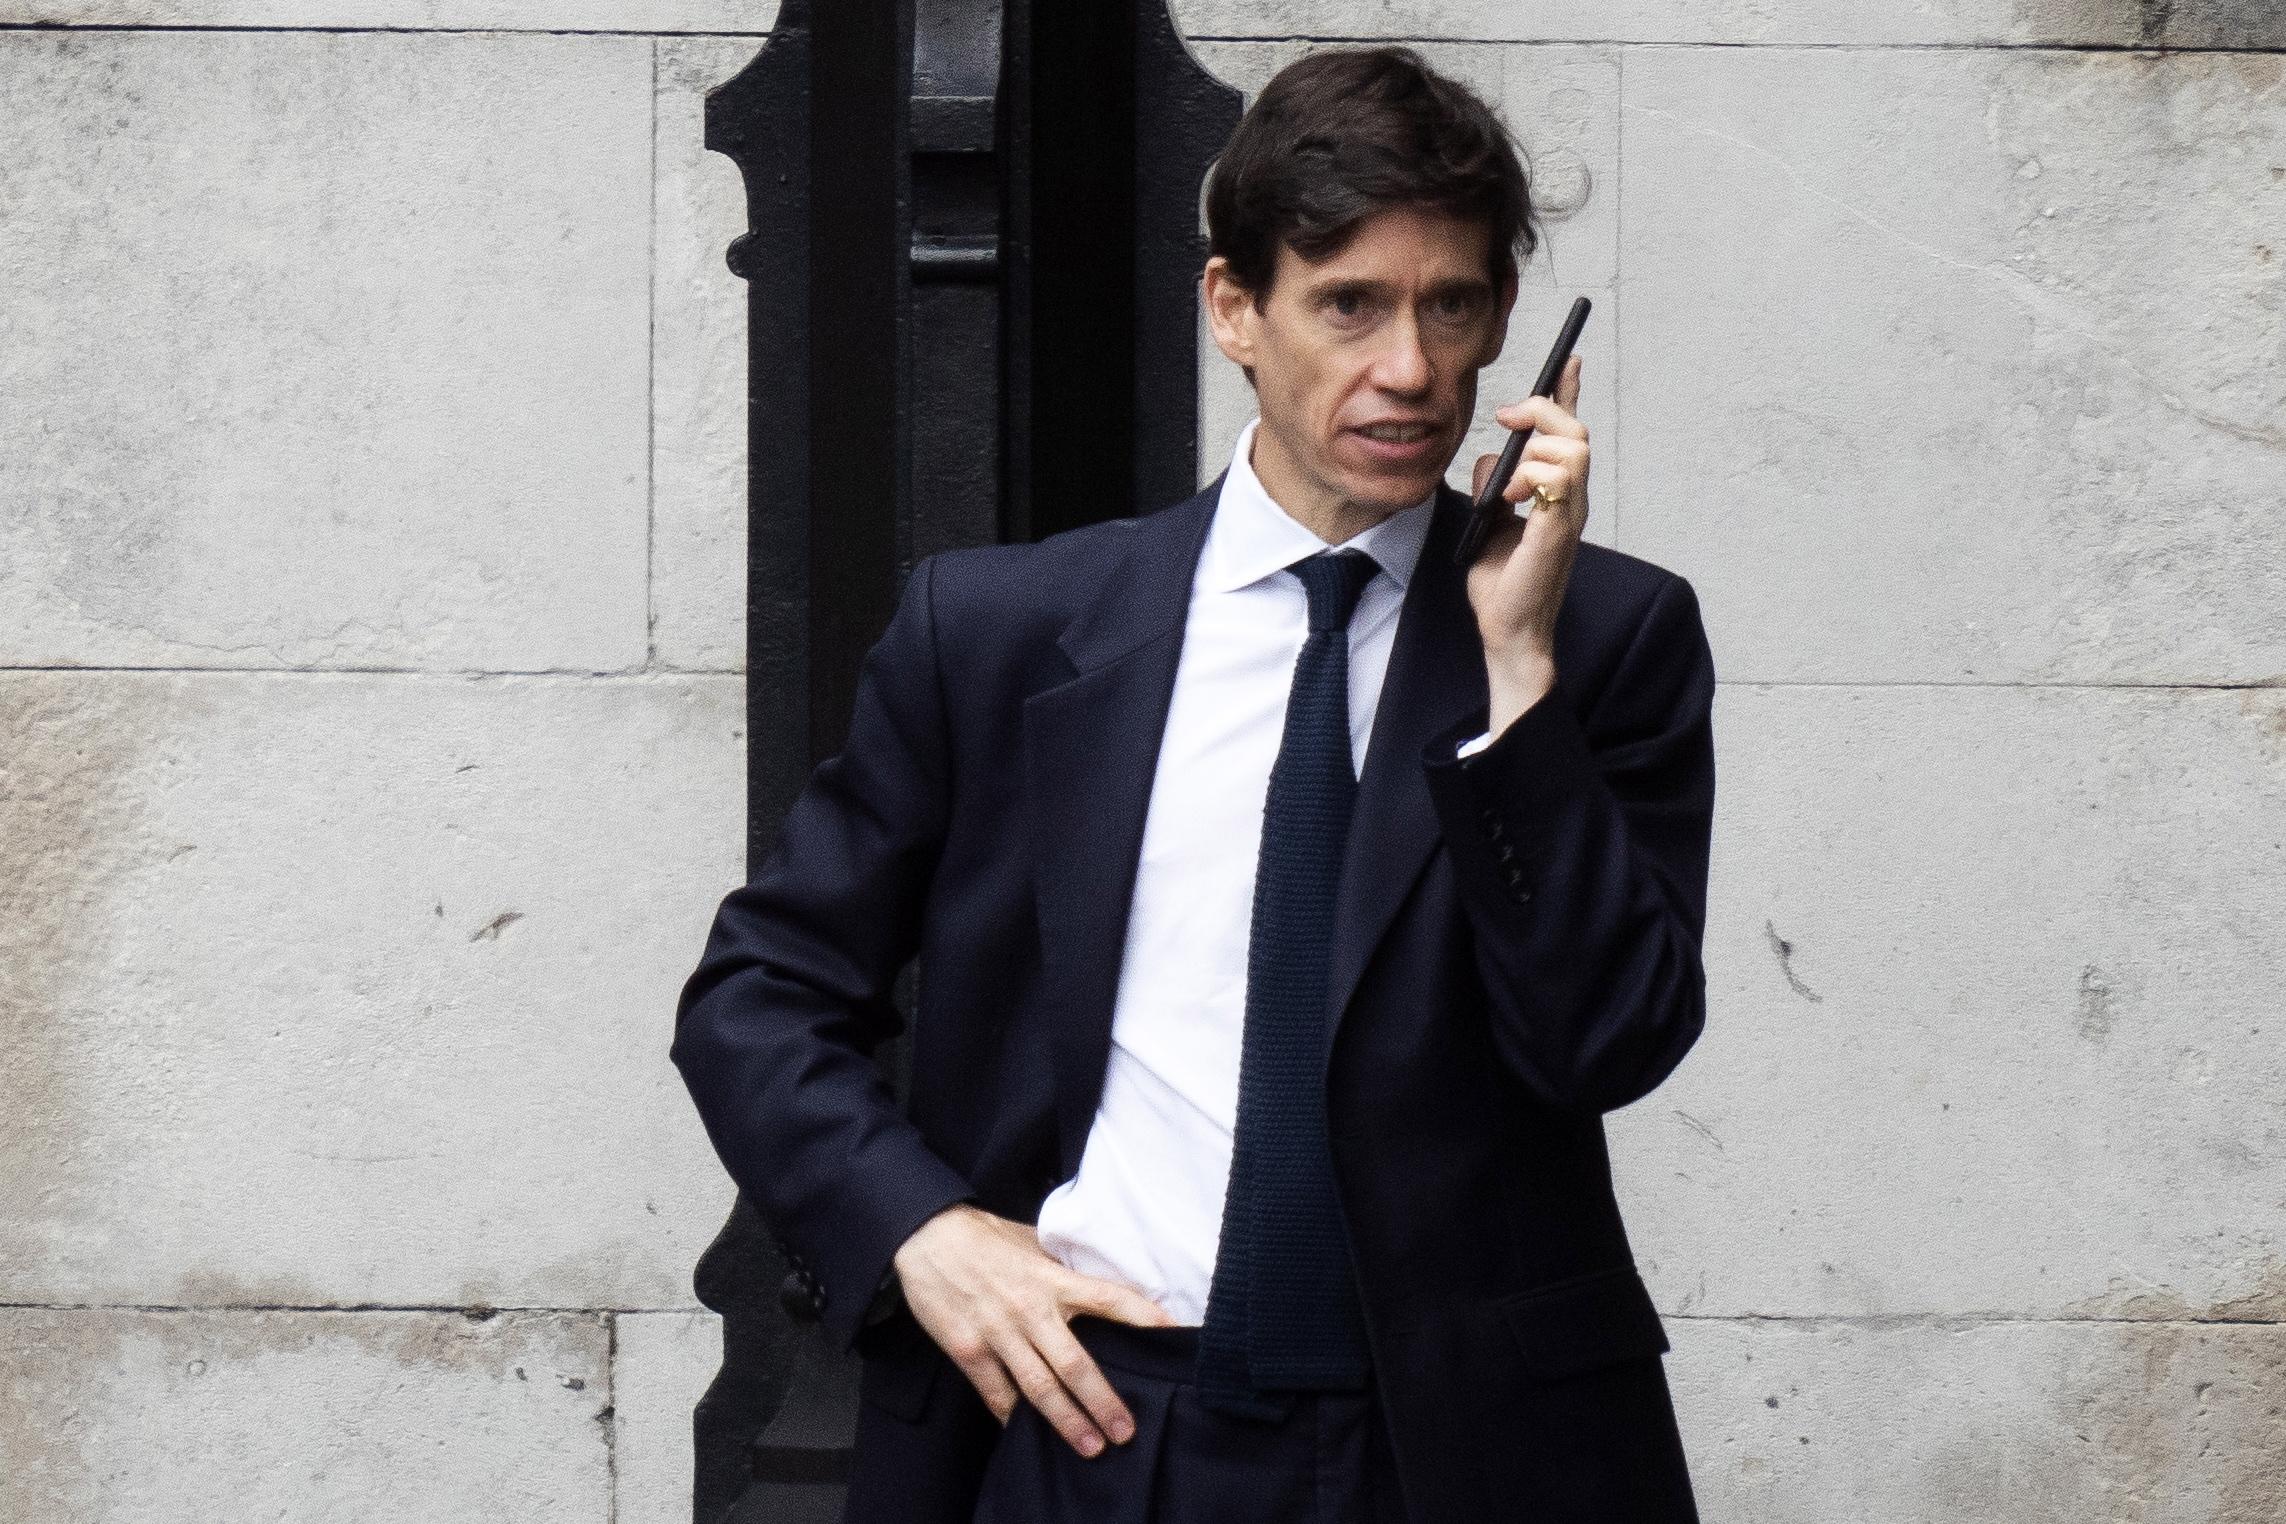 Ministro para o Desenvolvimento Internacional Rory Stewart eliminado da eleição para PM britânico